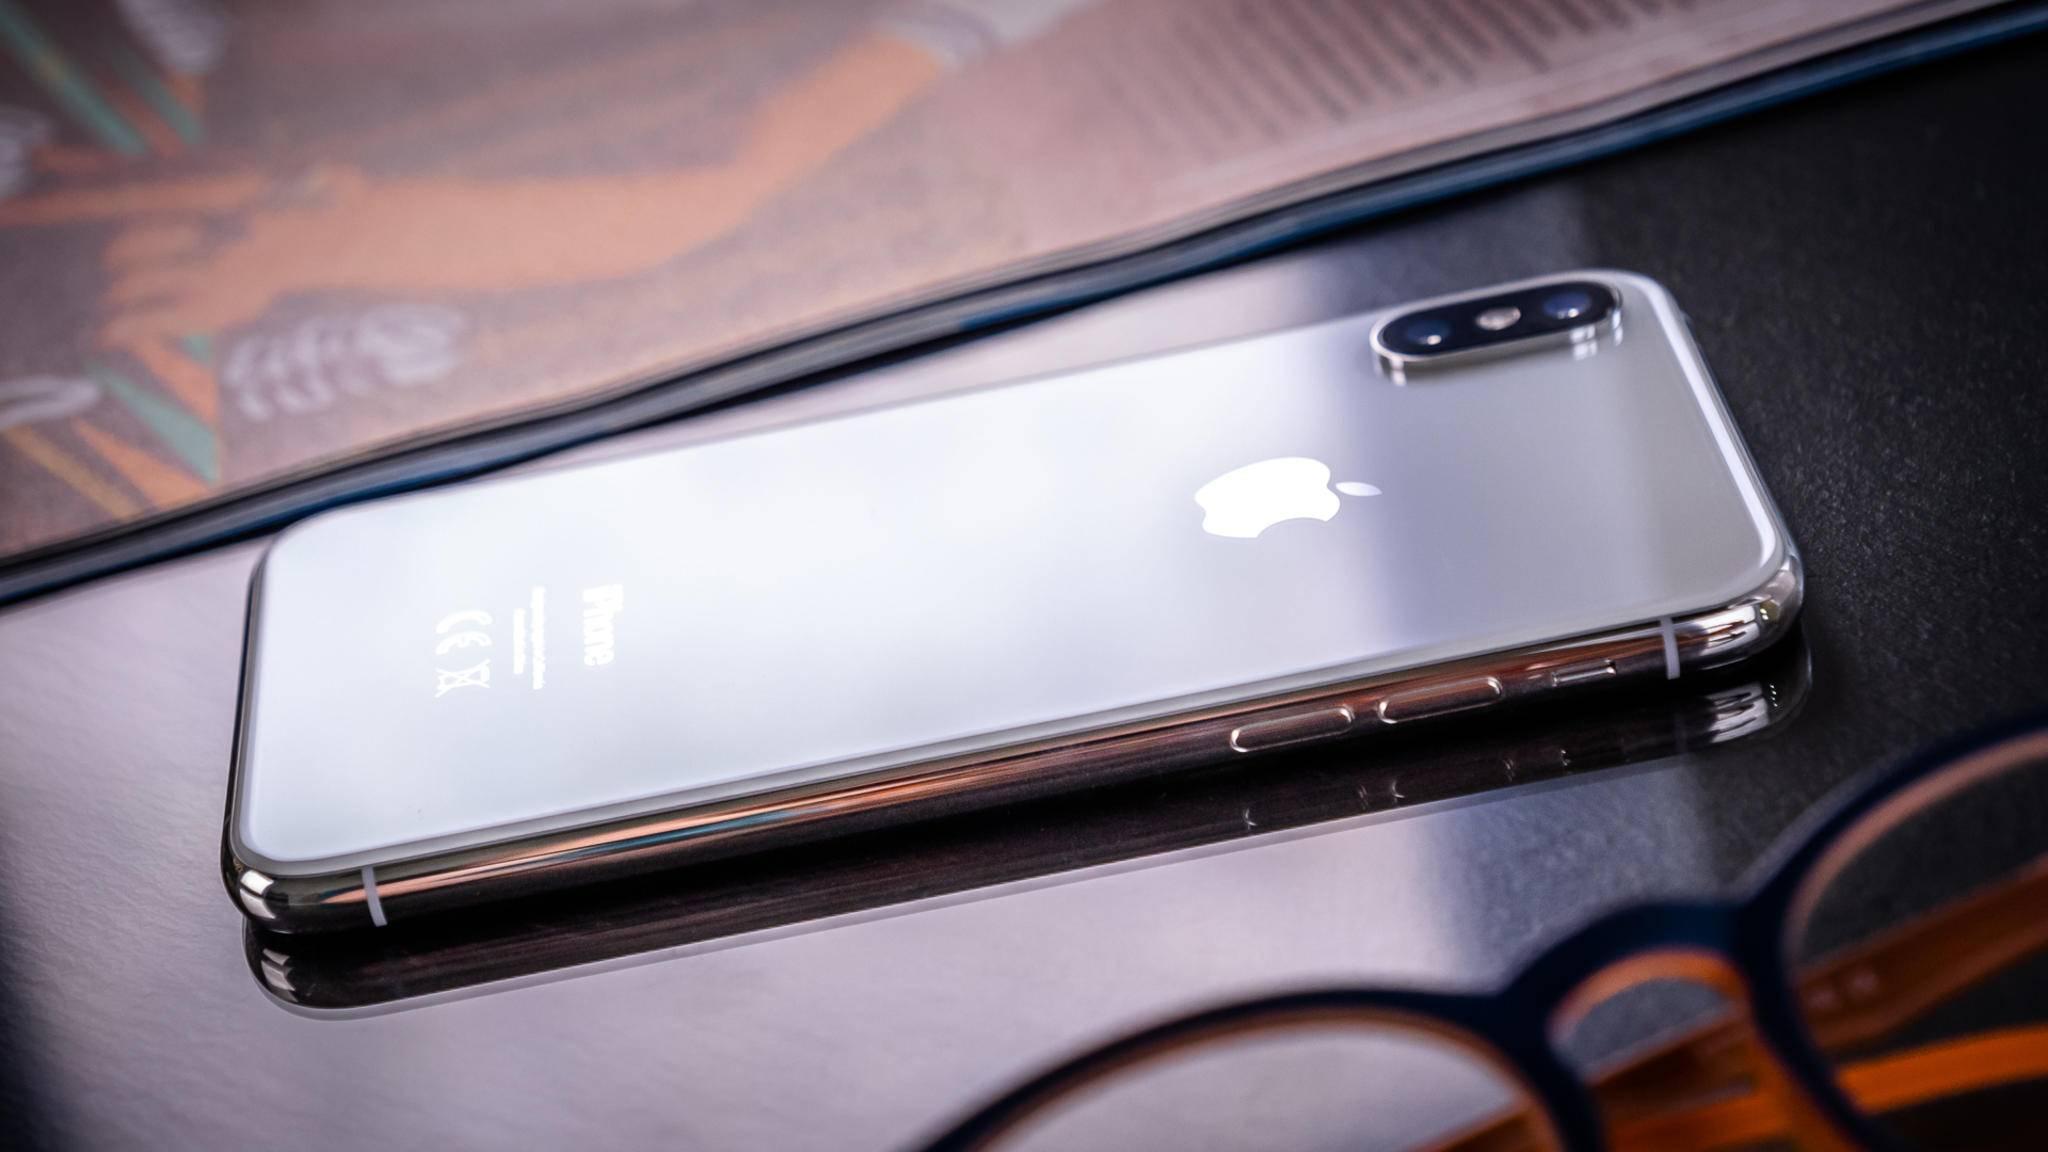 Ob das iPhone XS sein Geld wert ist, verrät unser Test.